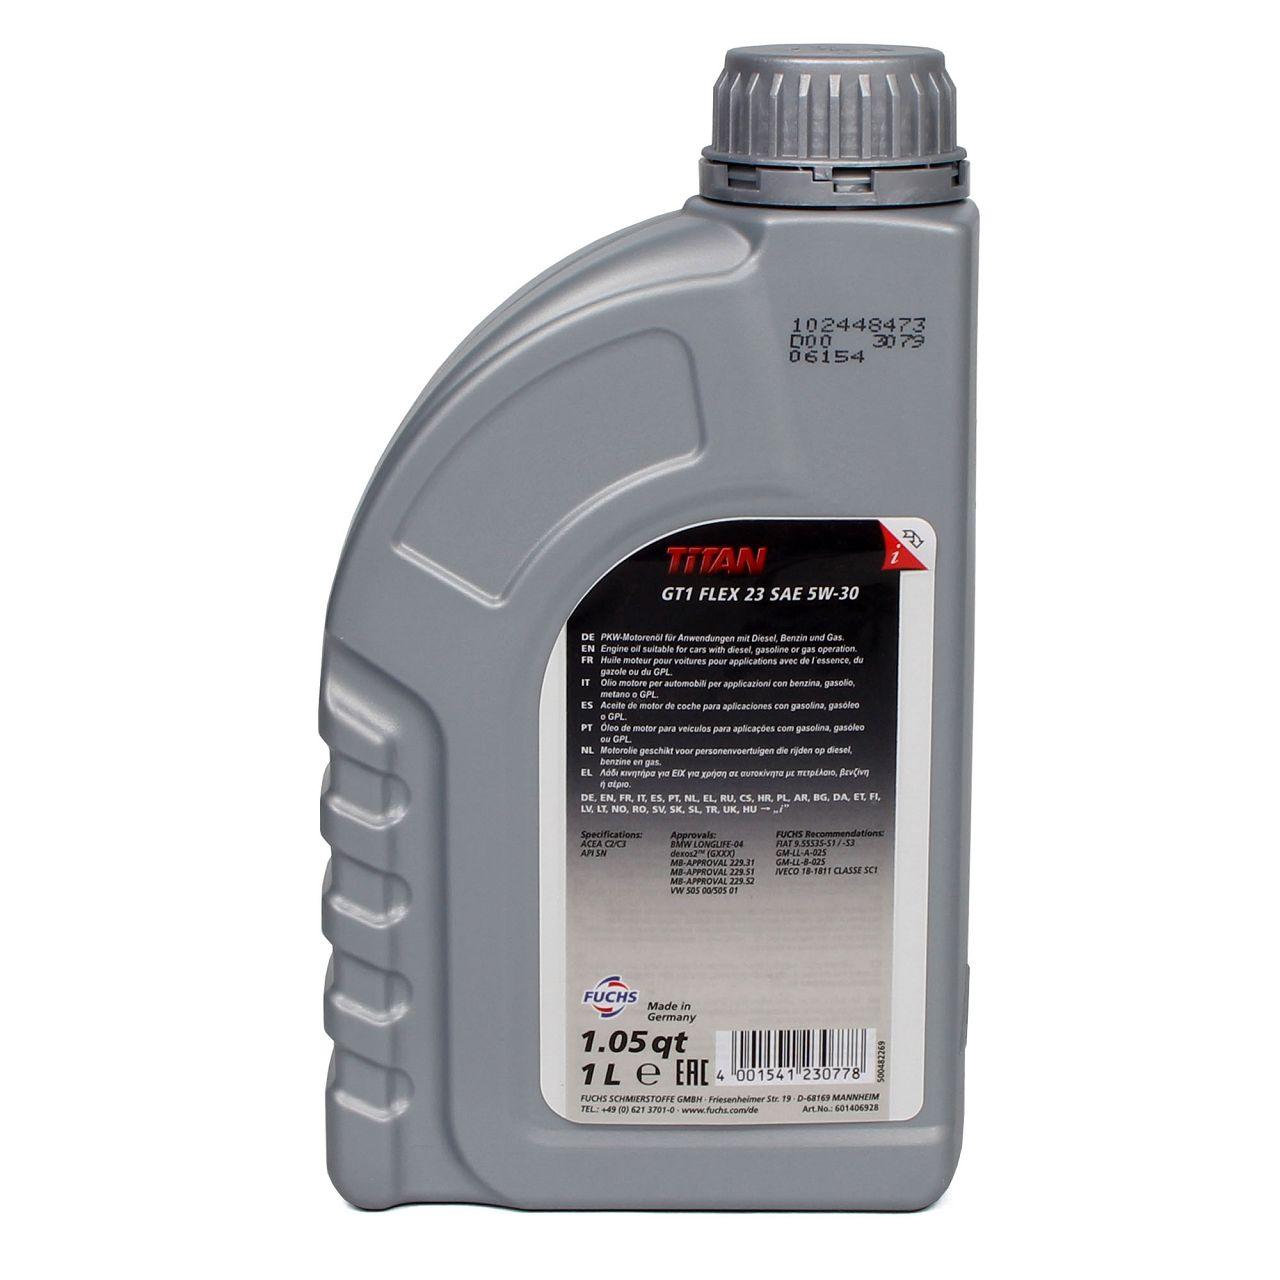 FUCHS Motoröl TITAN GT1 Flex 23 5W30 5W-30 dexos2 LL-04 505.00/505.01 1L 1 Liter